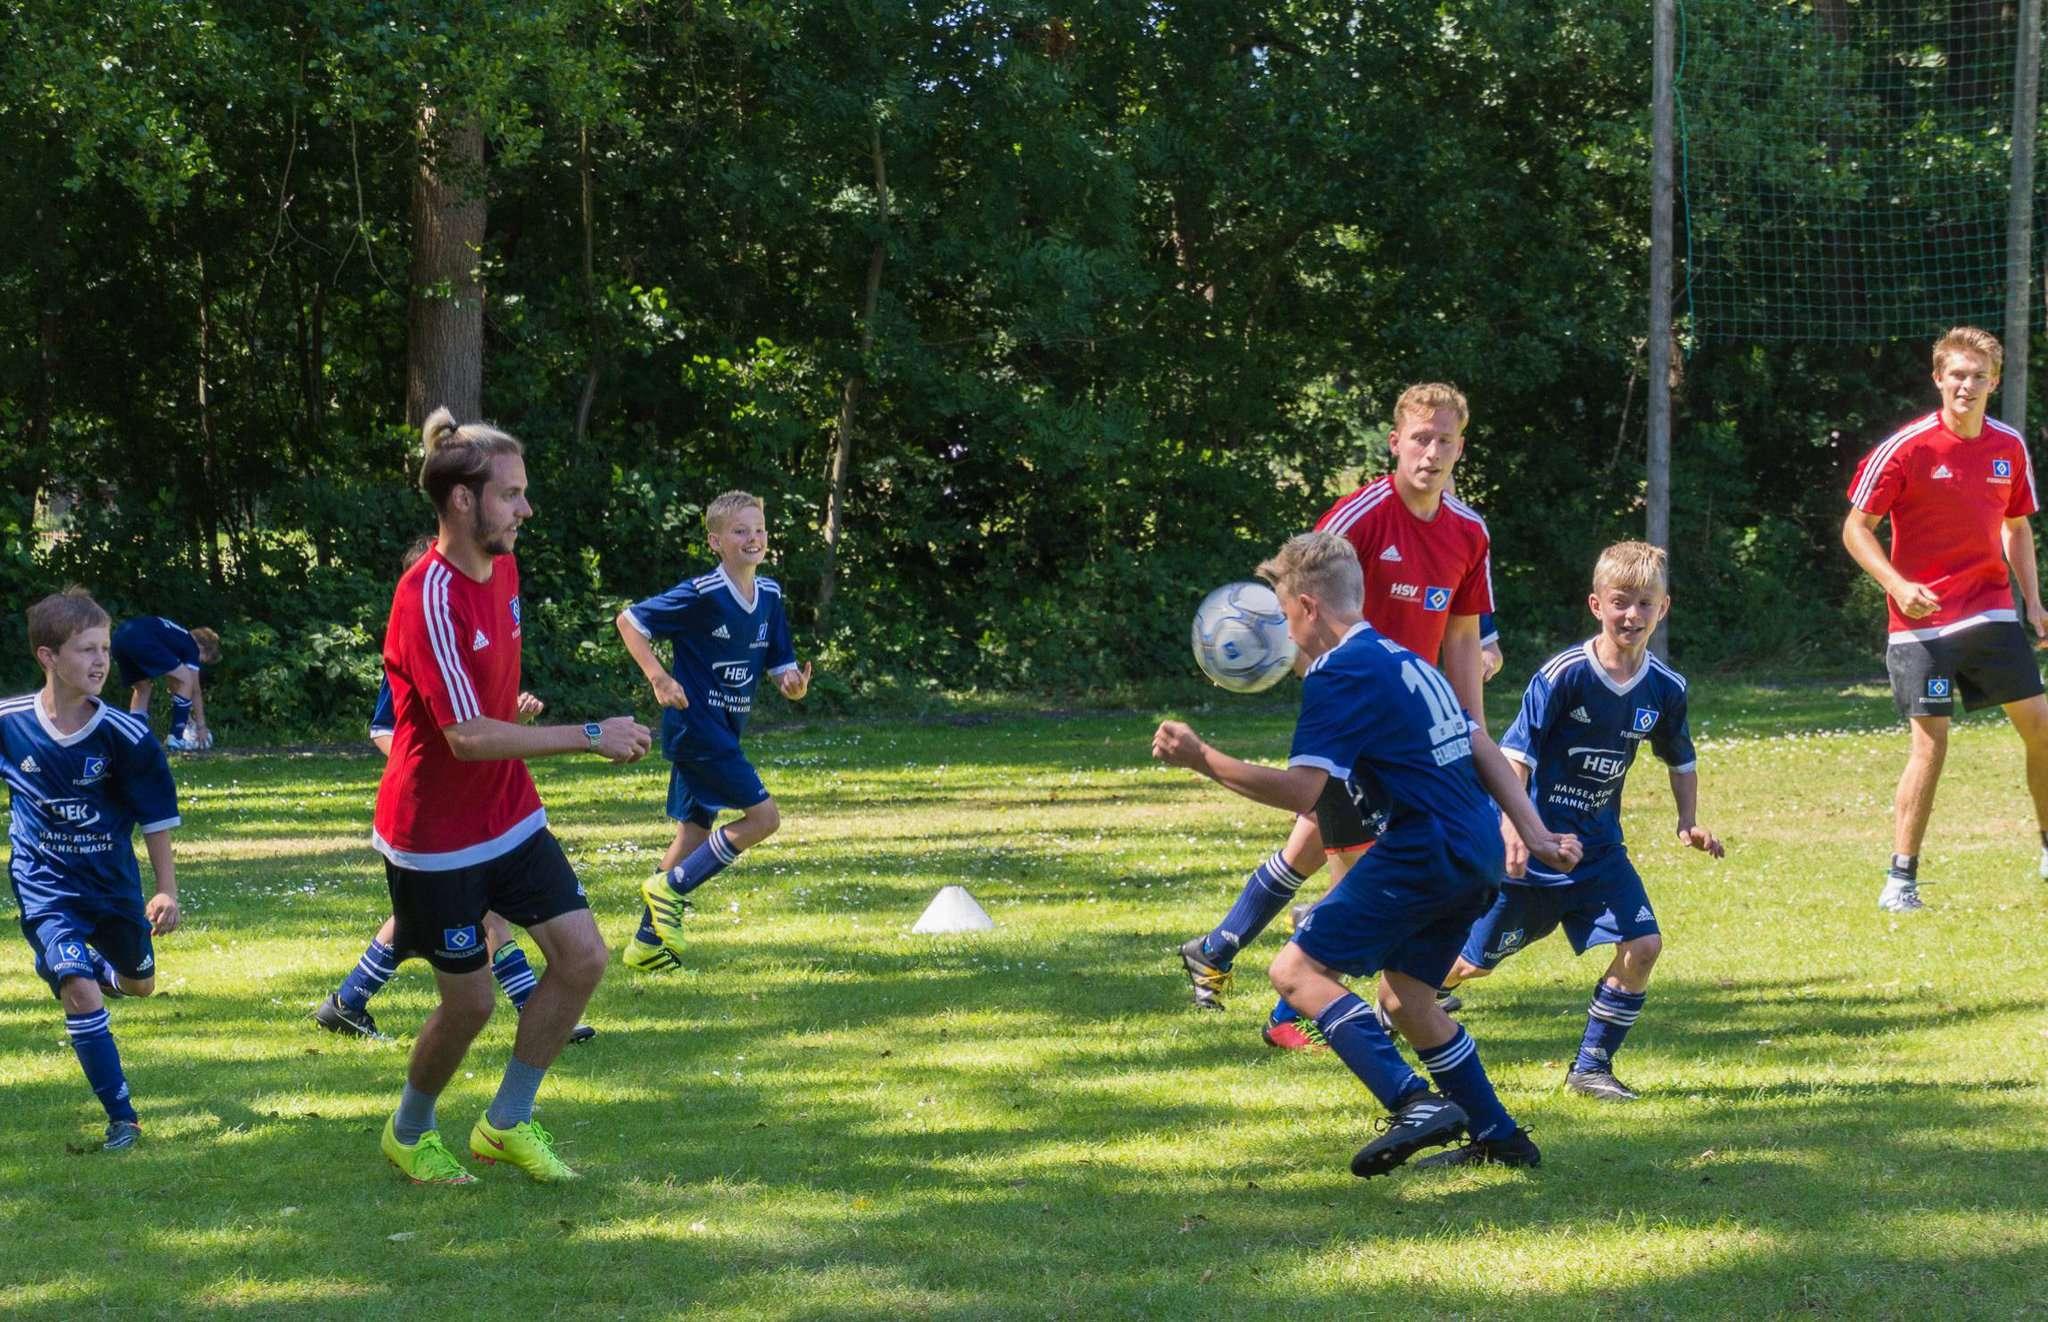 Unter Anleitung der Trainer lernten die Kinder und Jugendlichen viel Neues dazu u2013 und gaben alles bei den Spielen. Fotos: Klaus-Dieter Plage